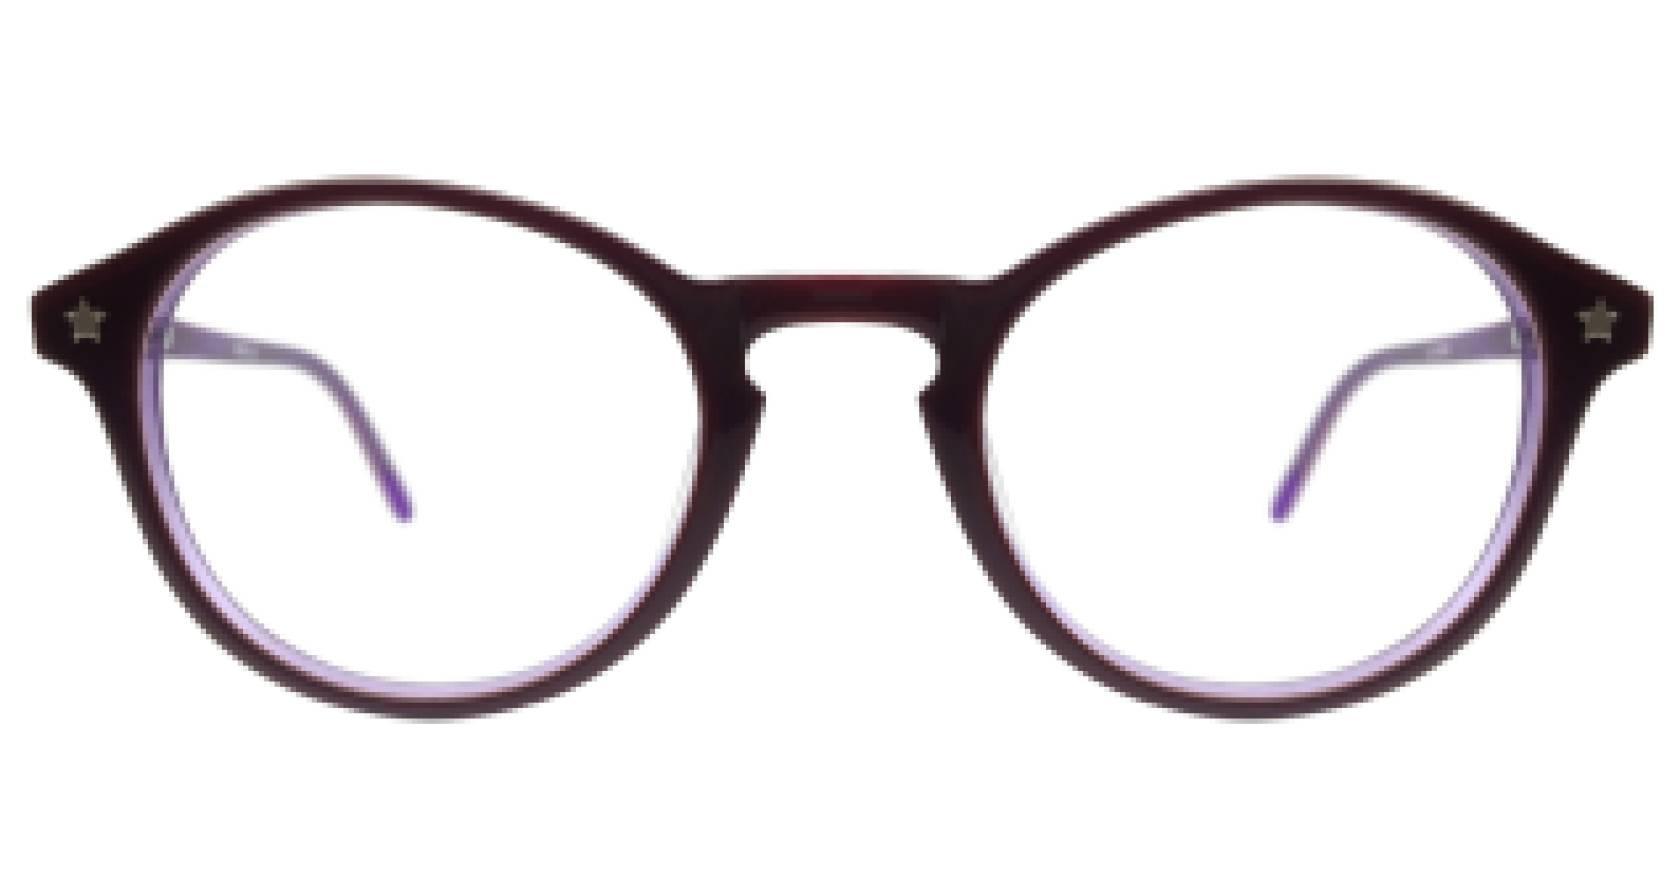 imagen miniatura frontal de la referencia 1001310